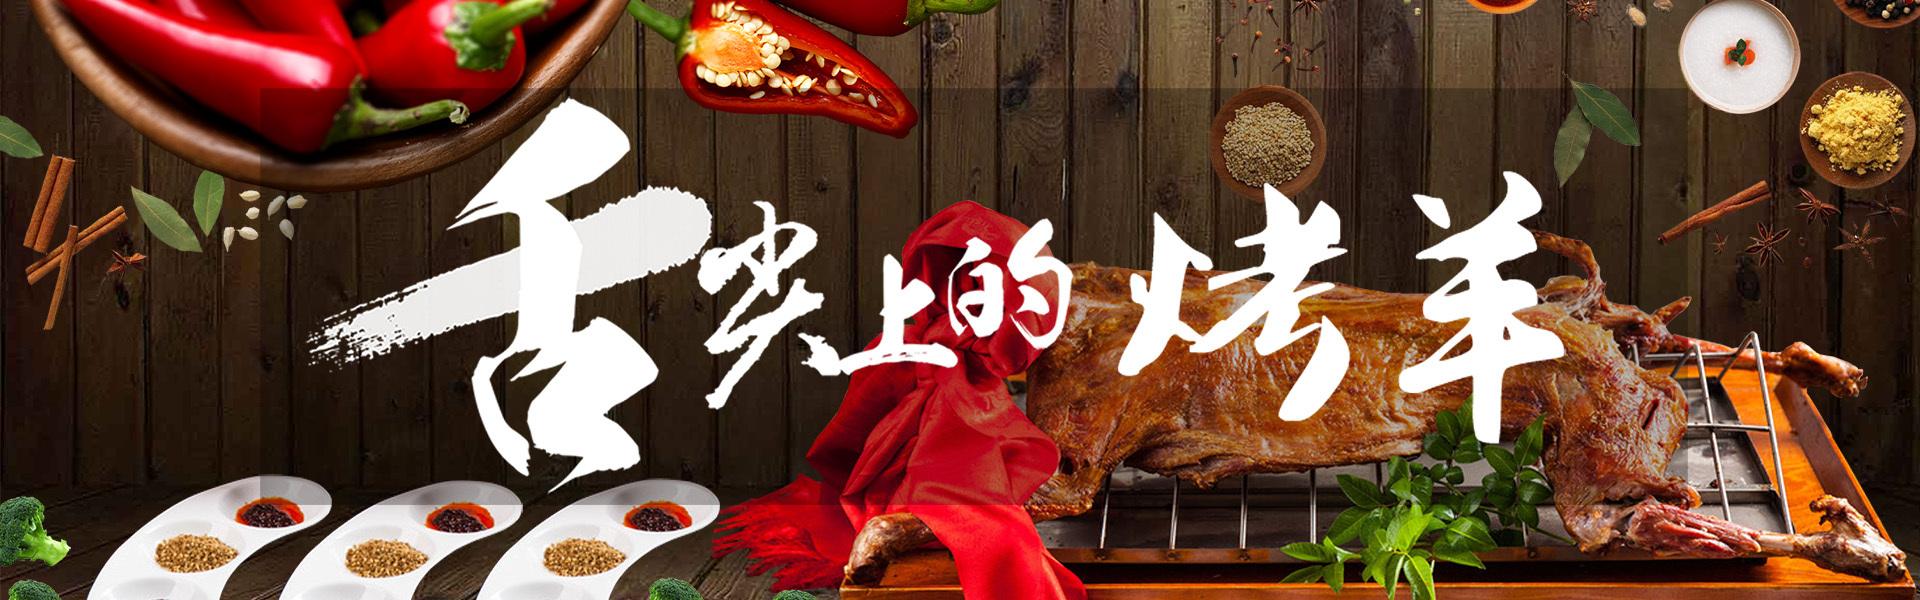 泉州市绿源鑫泰食品有限公司